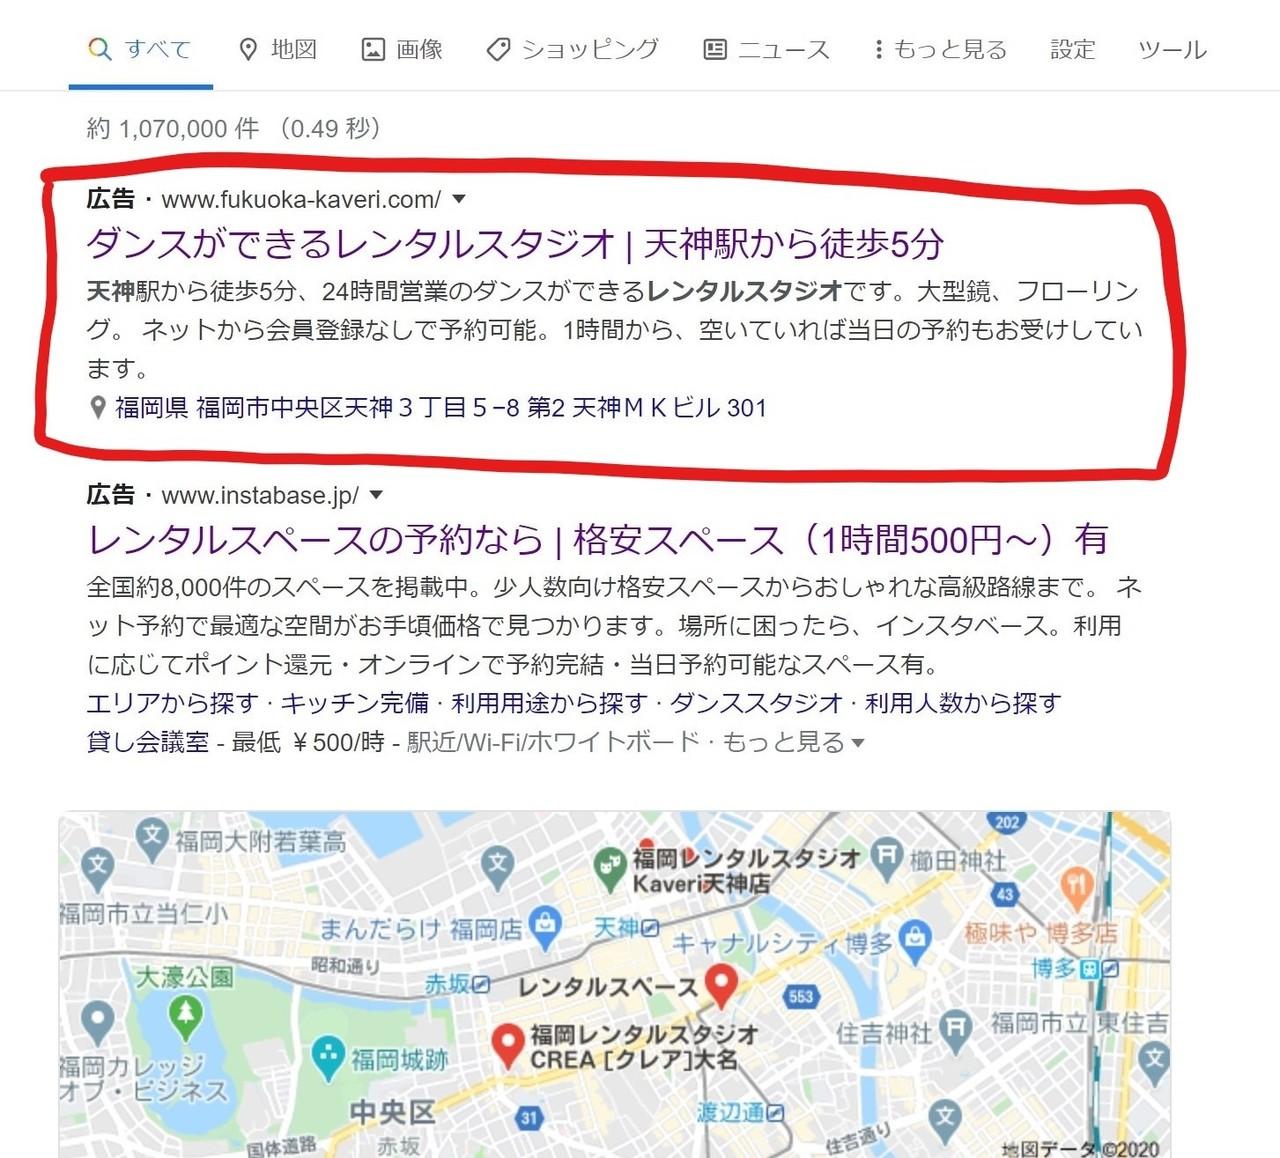 Inkedgoogle広告_LI